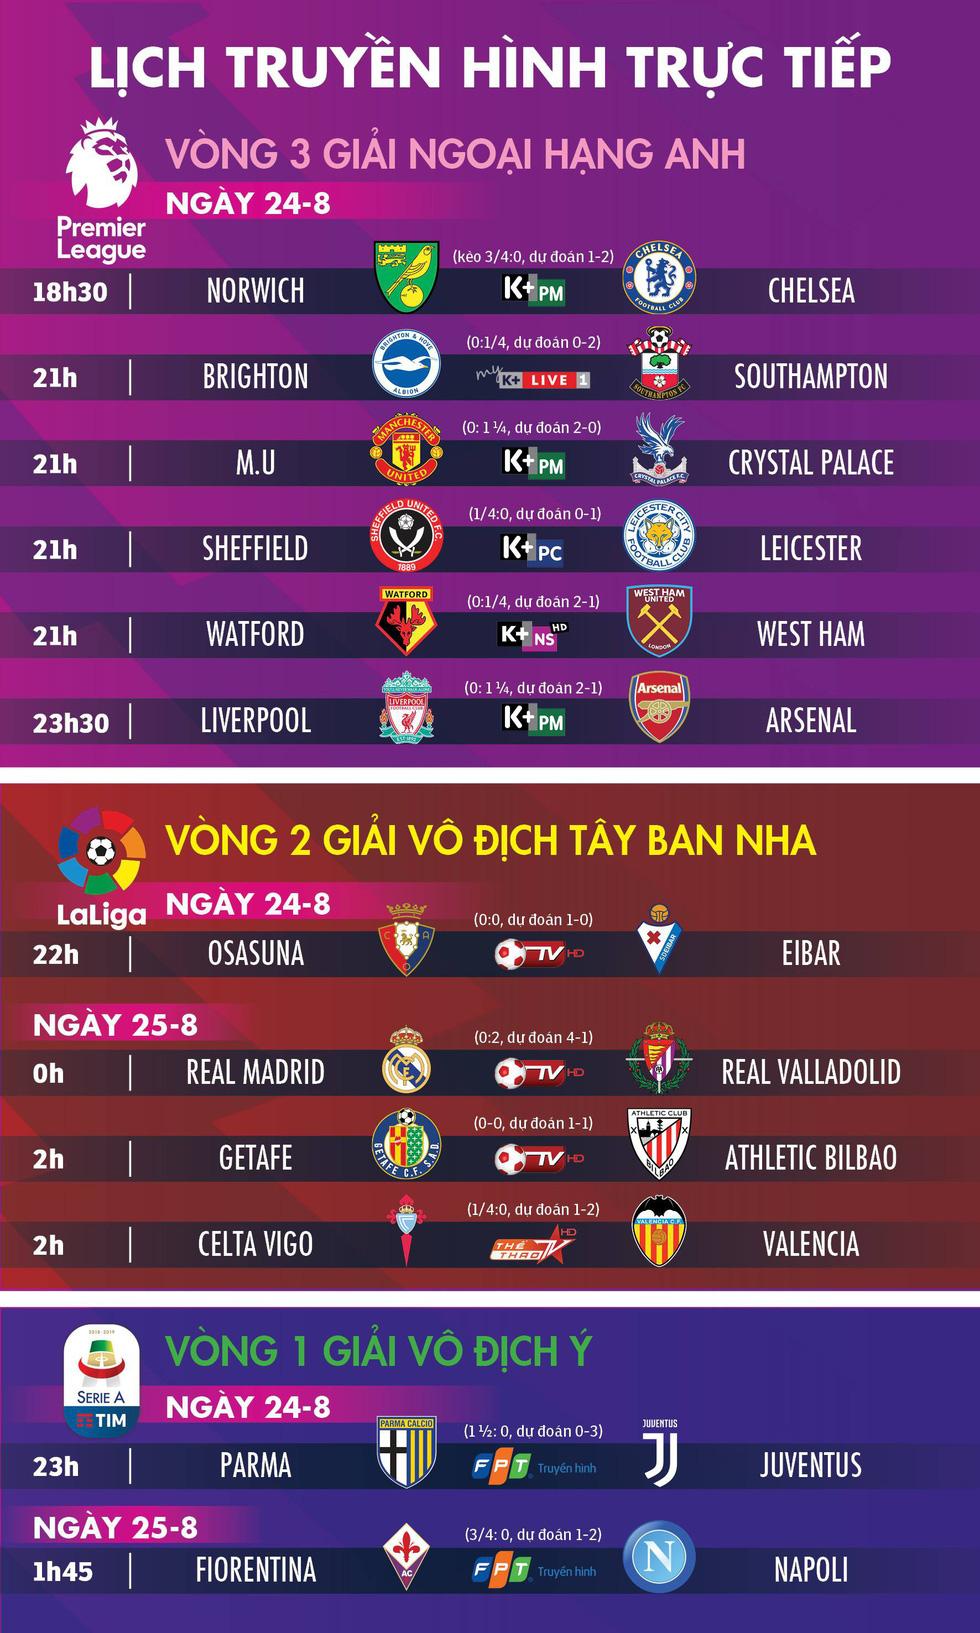 Lịch thi đấu, dự đoán và kèo các trận đấu hôm nay 24-8 - Ảnh 1.